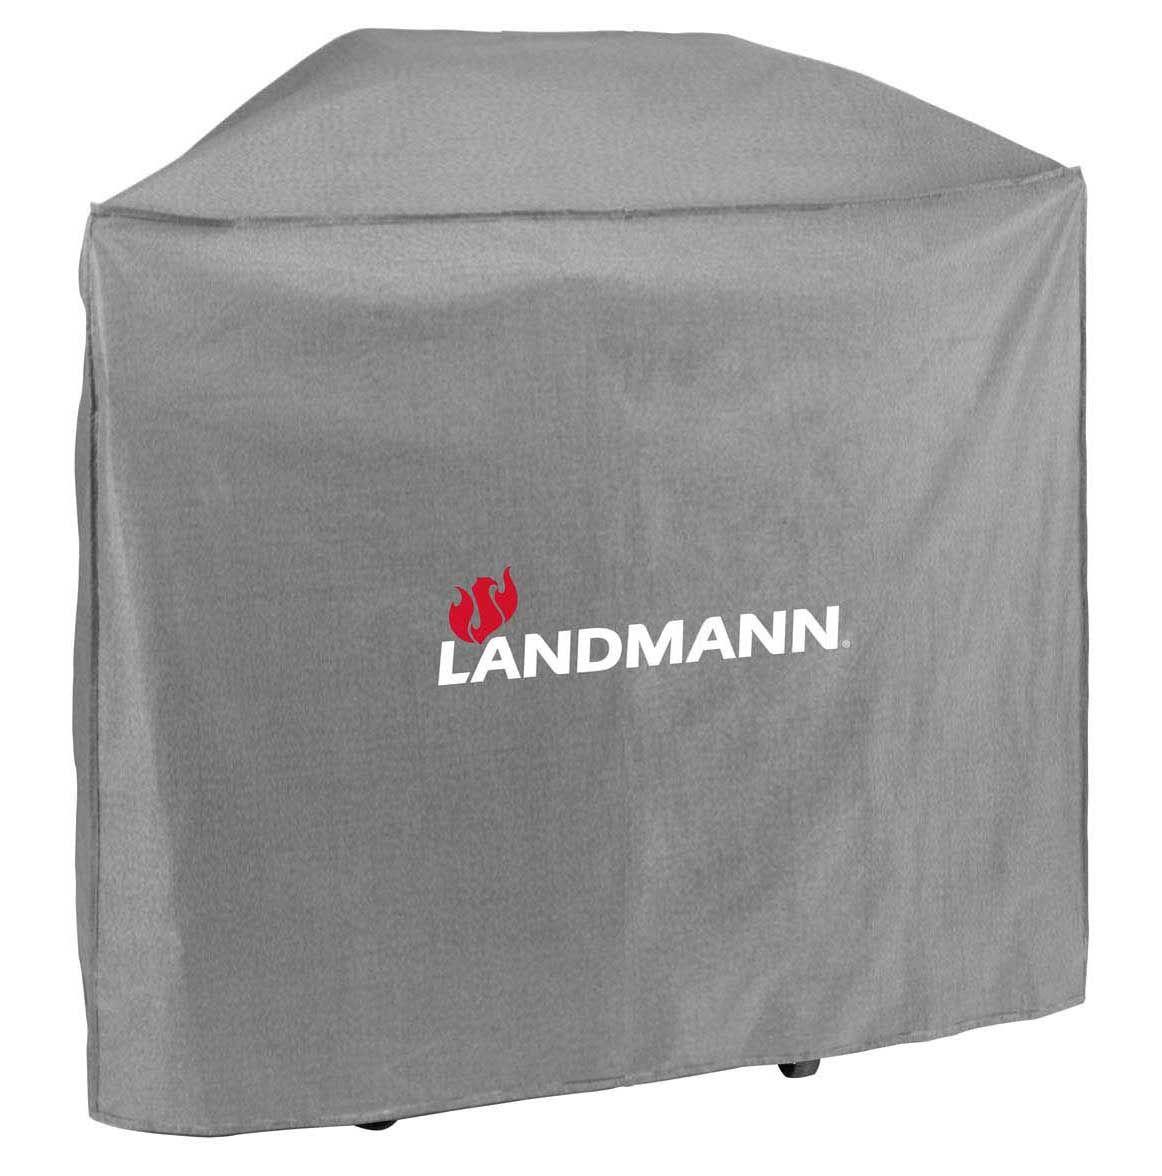 Landmann Premium Triton MAXX 2.1 BBQ Cover